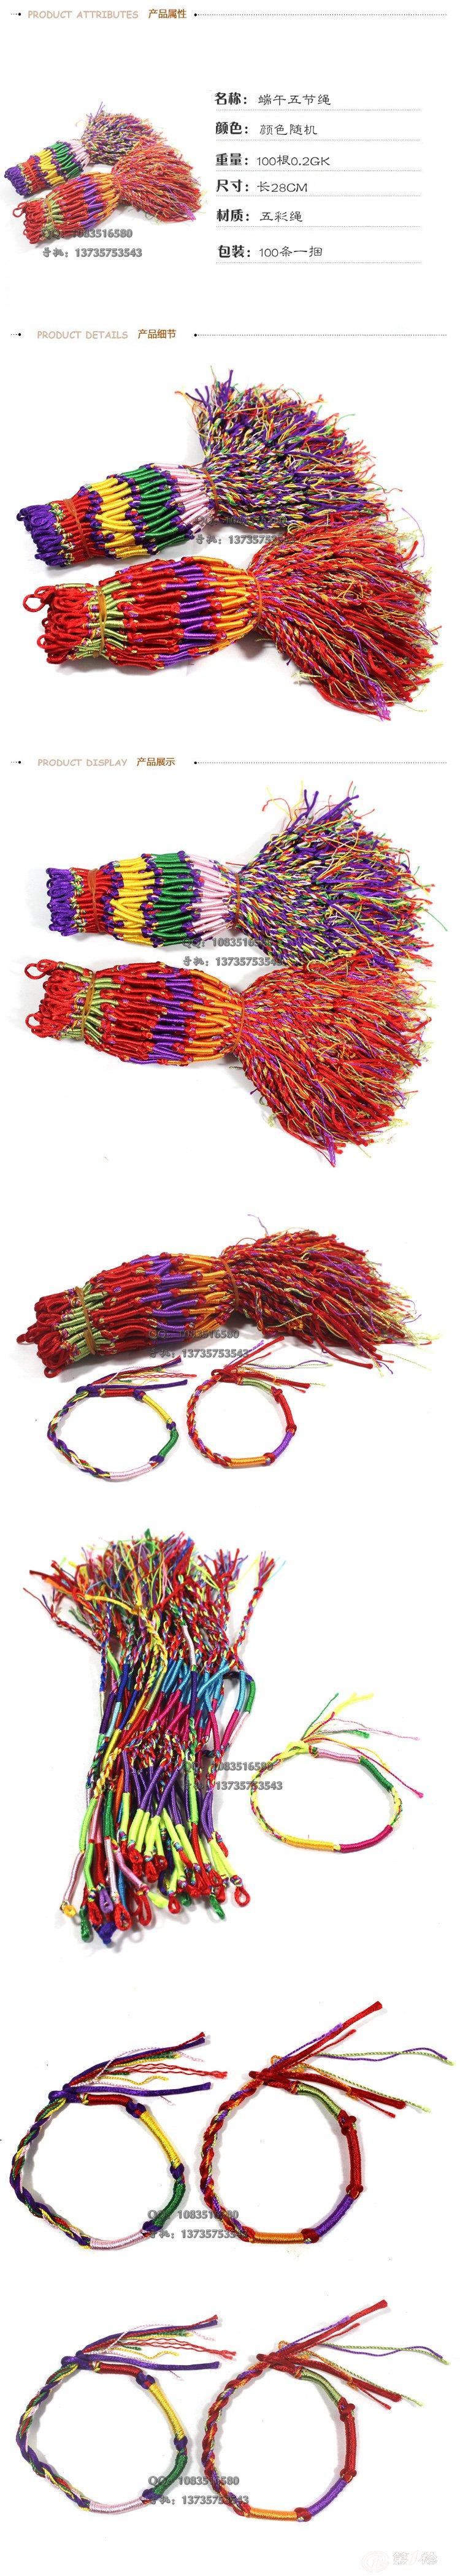 端午节五彩绳批发 五彩绳手链